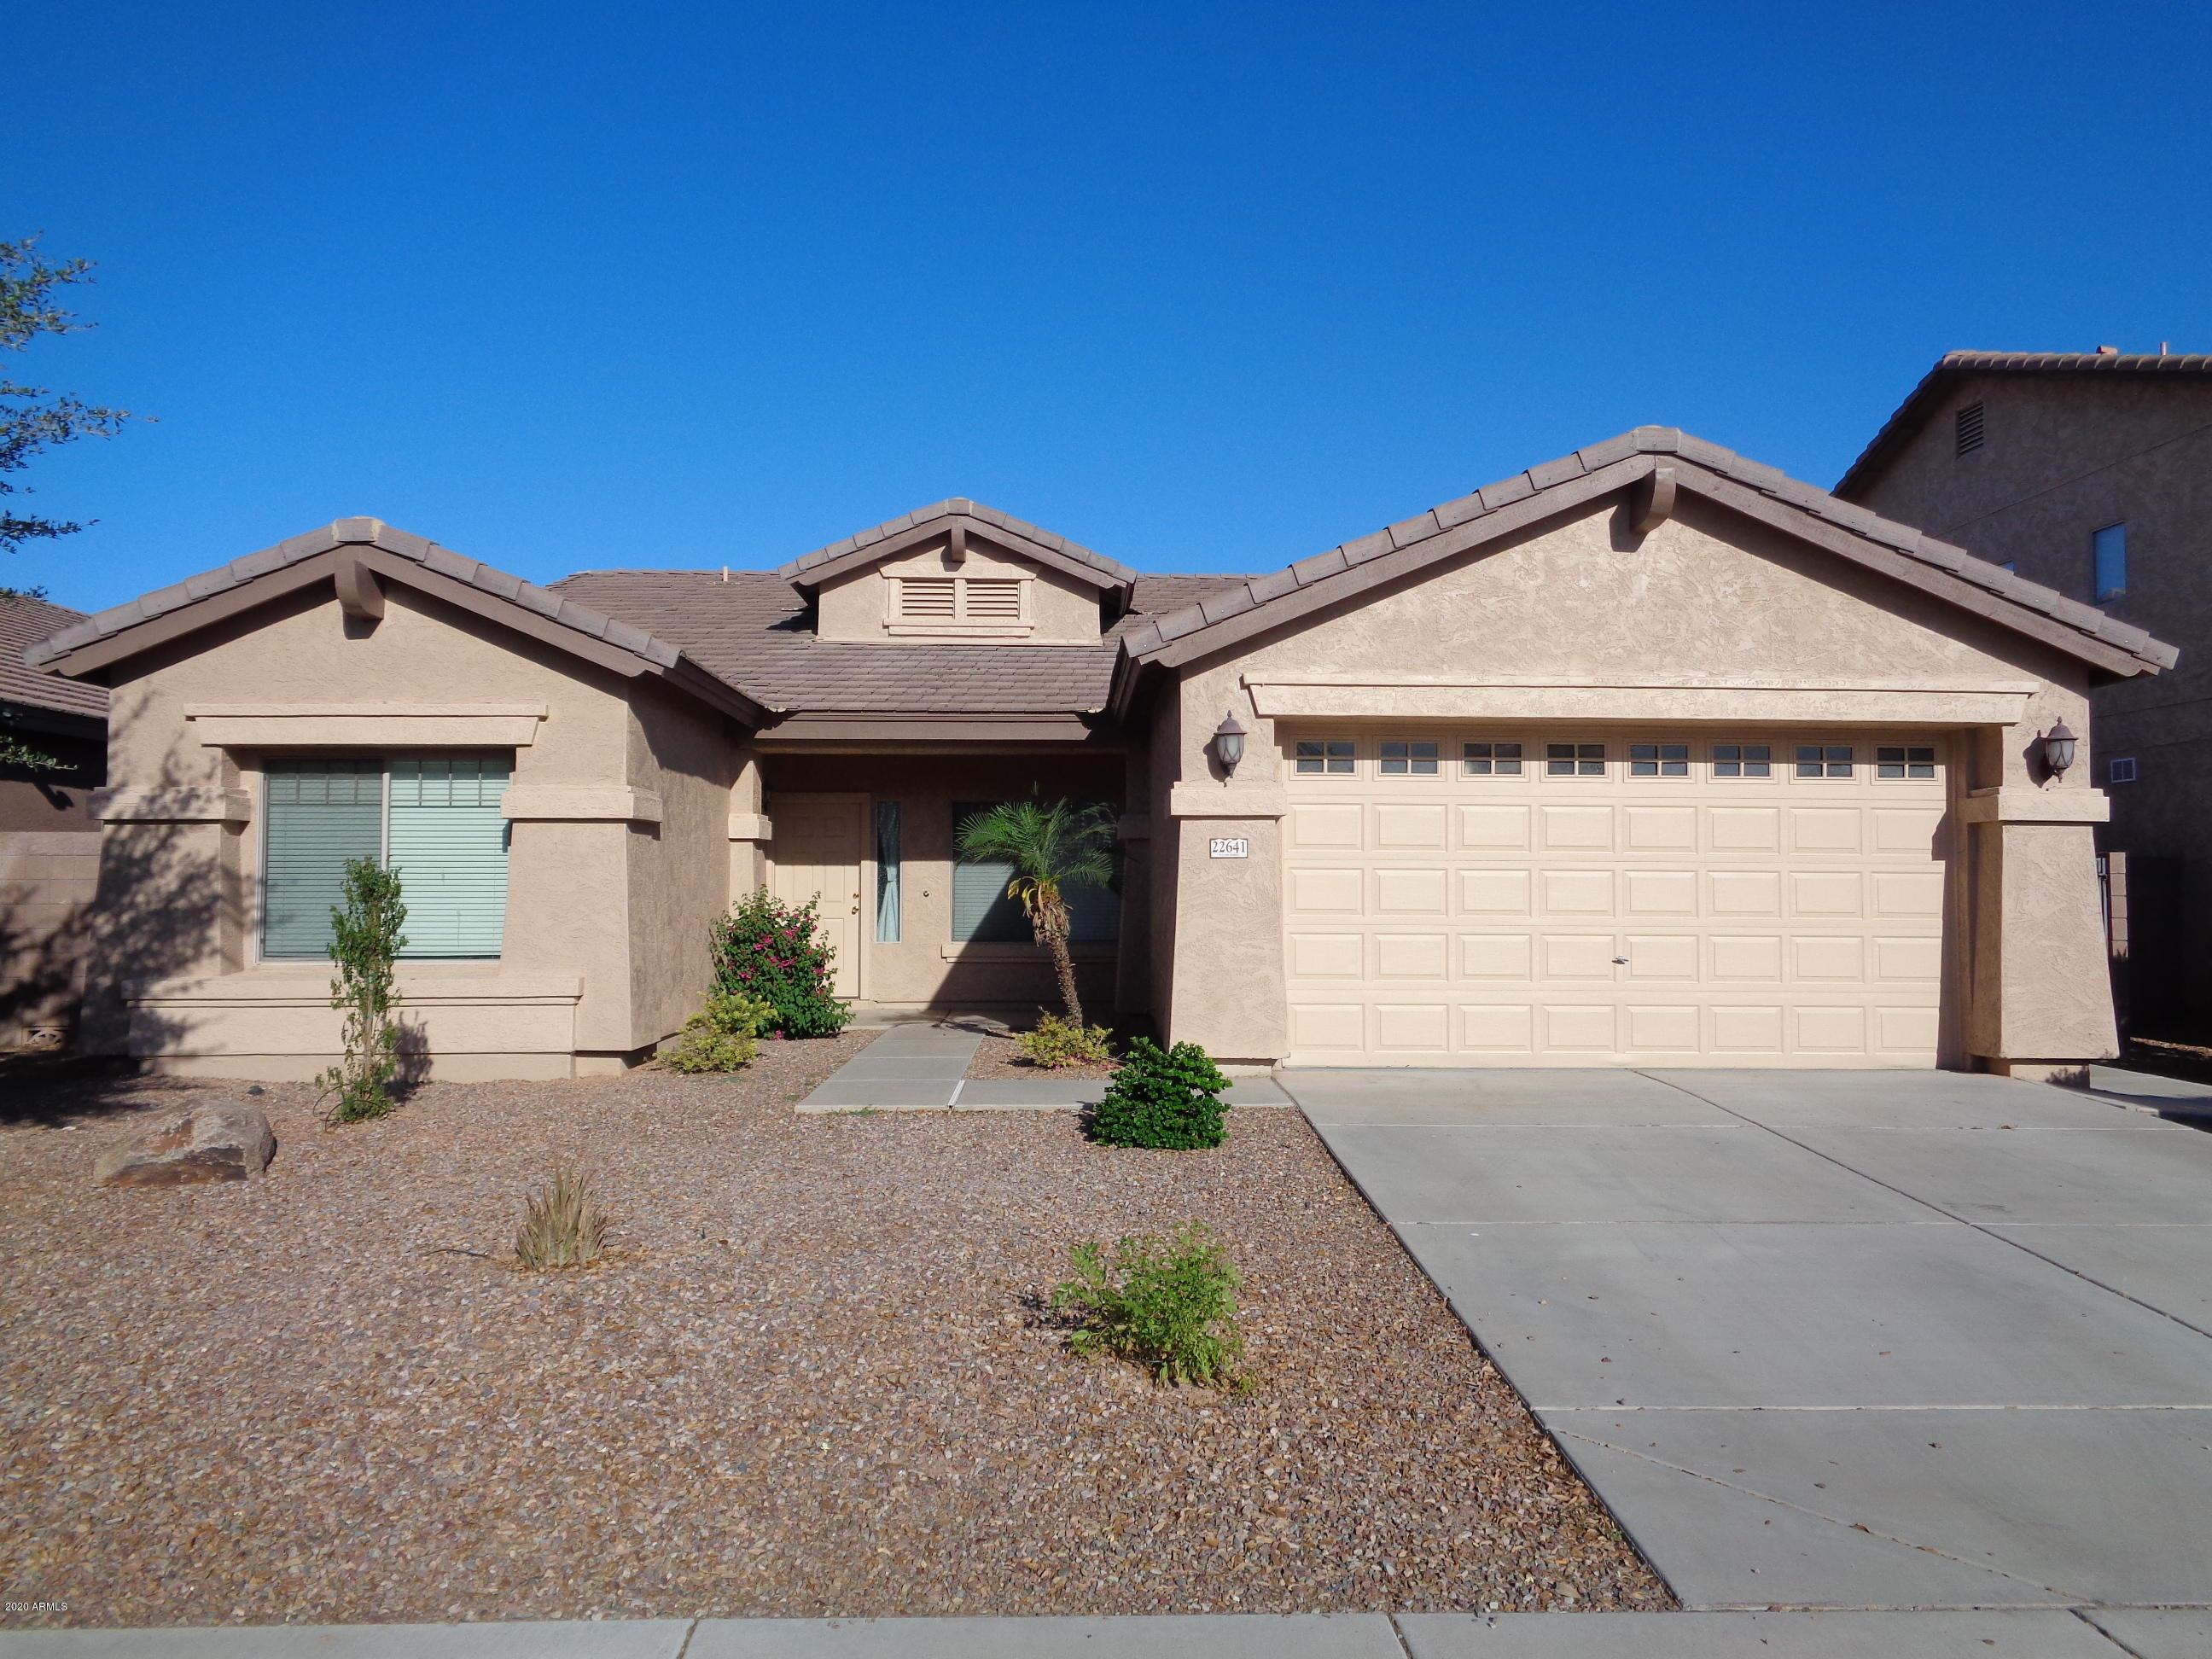 MLS 6078188 Maricopa Metro Area, Maricopa, AZ 85139